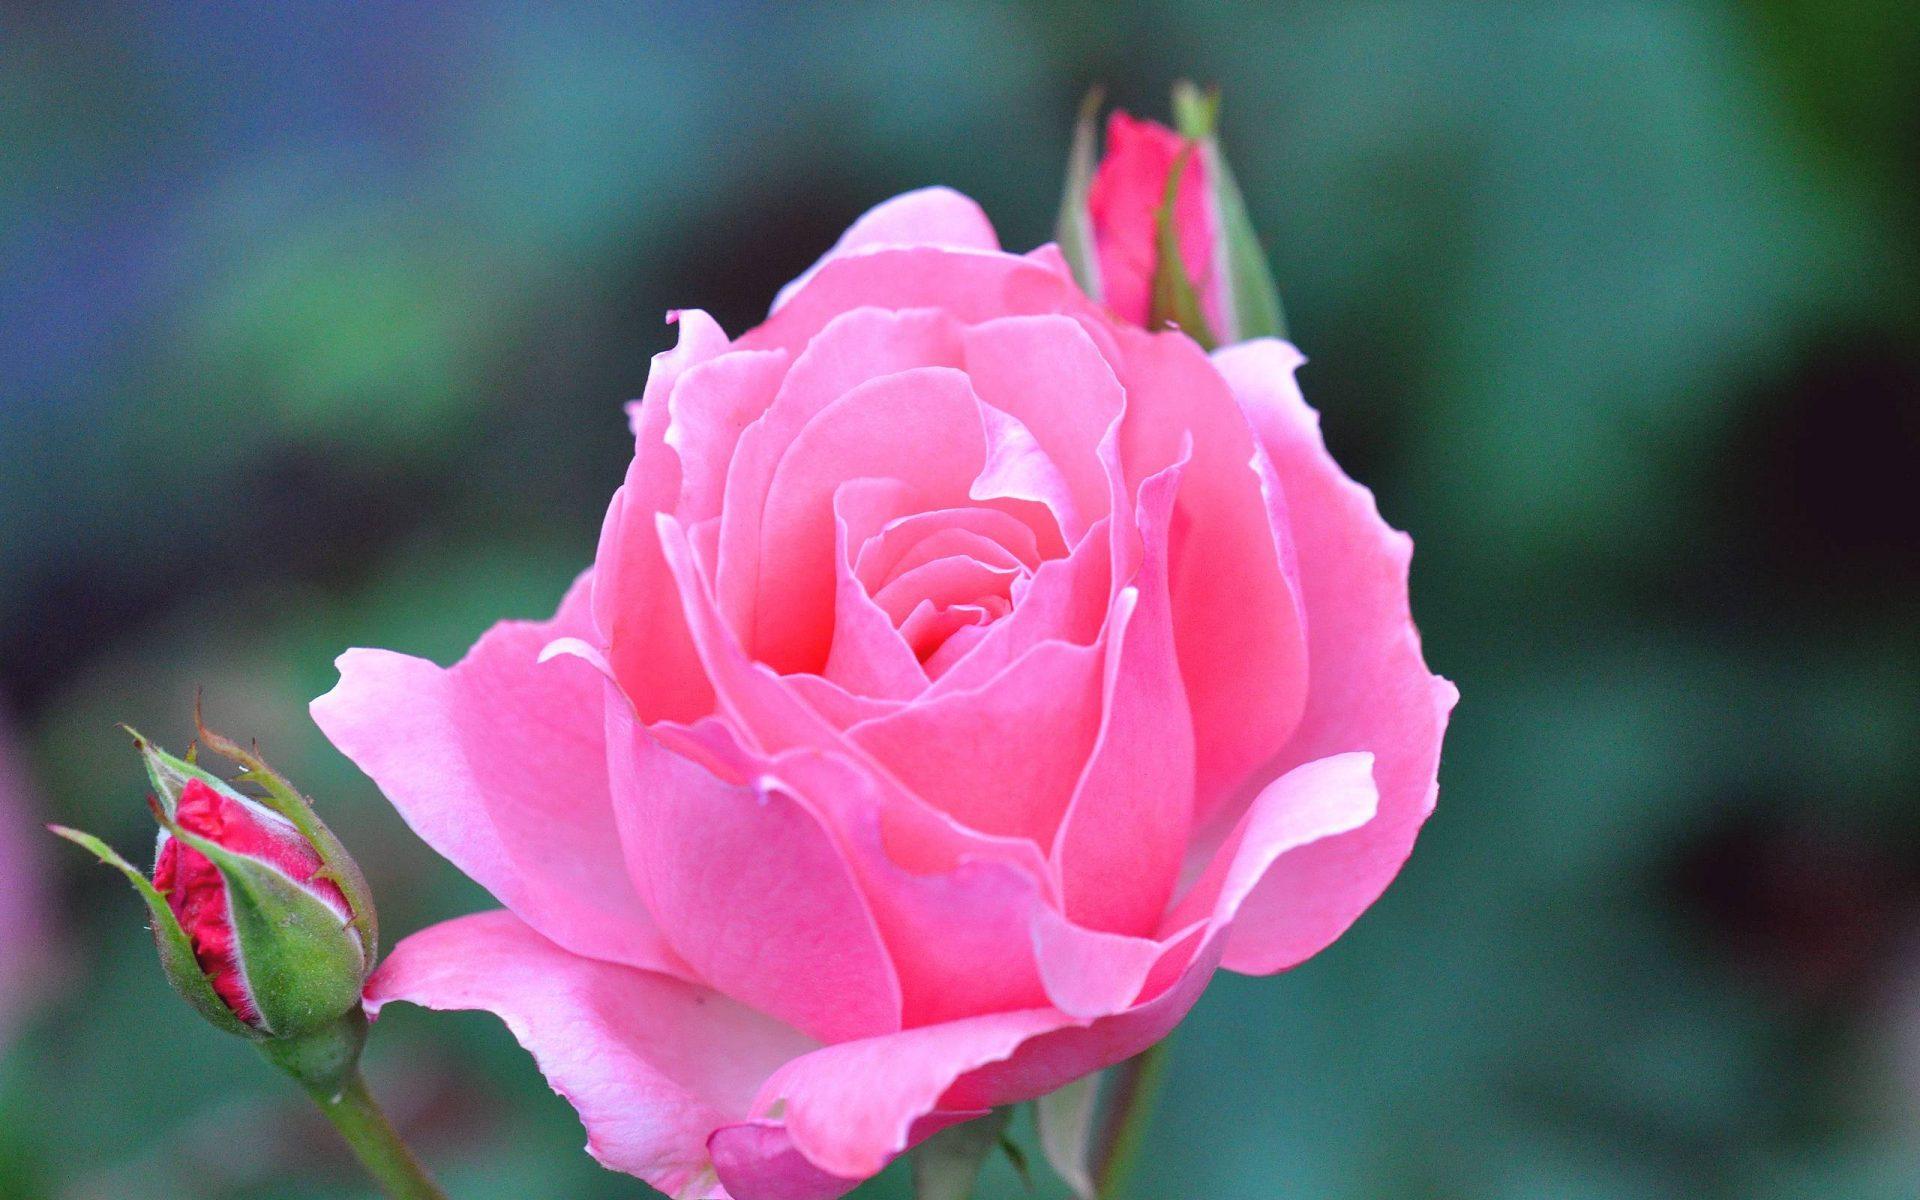 картинки на телефон большие розы только один